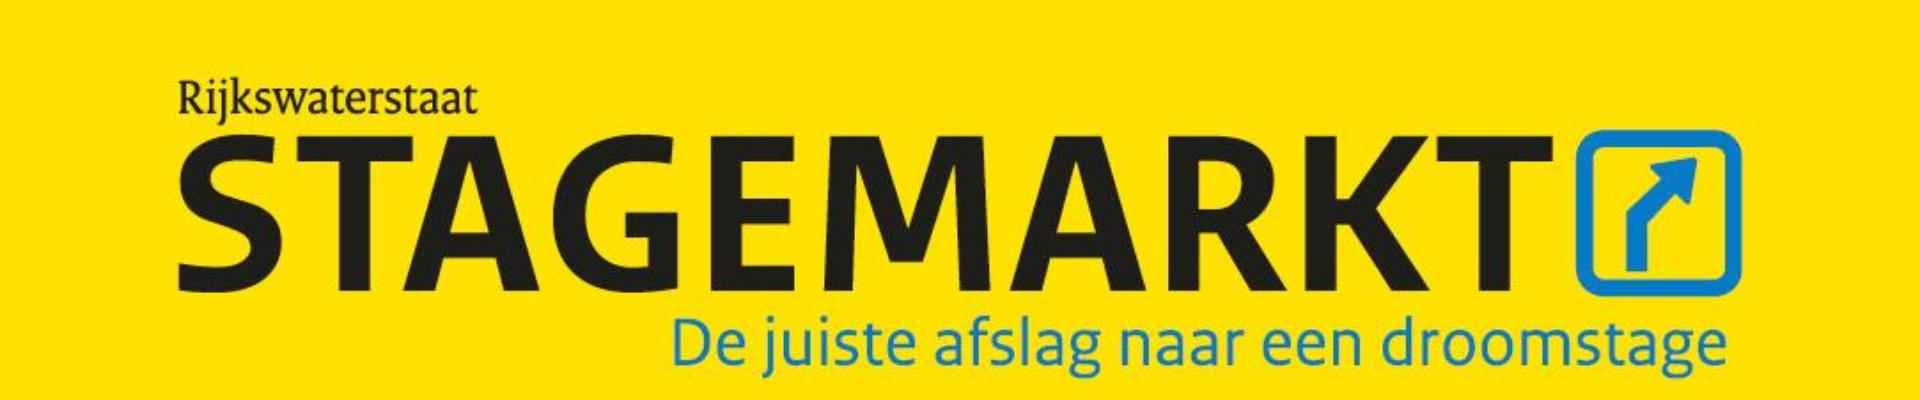 Rijkswaterstaat stagemarkt april 2020